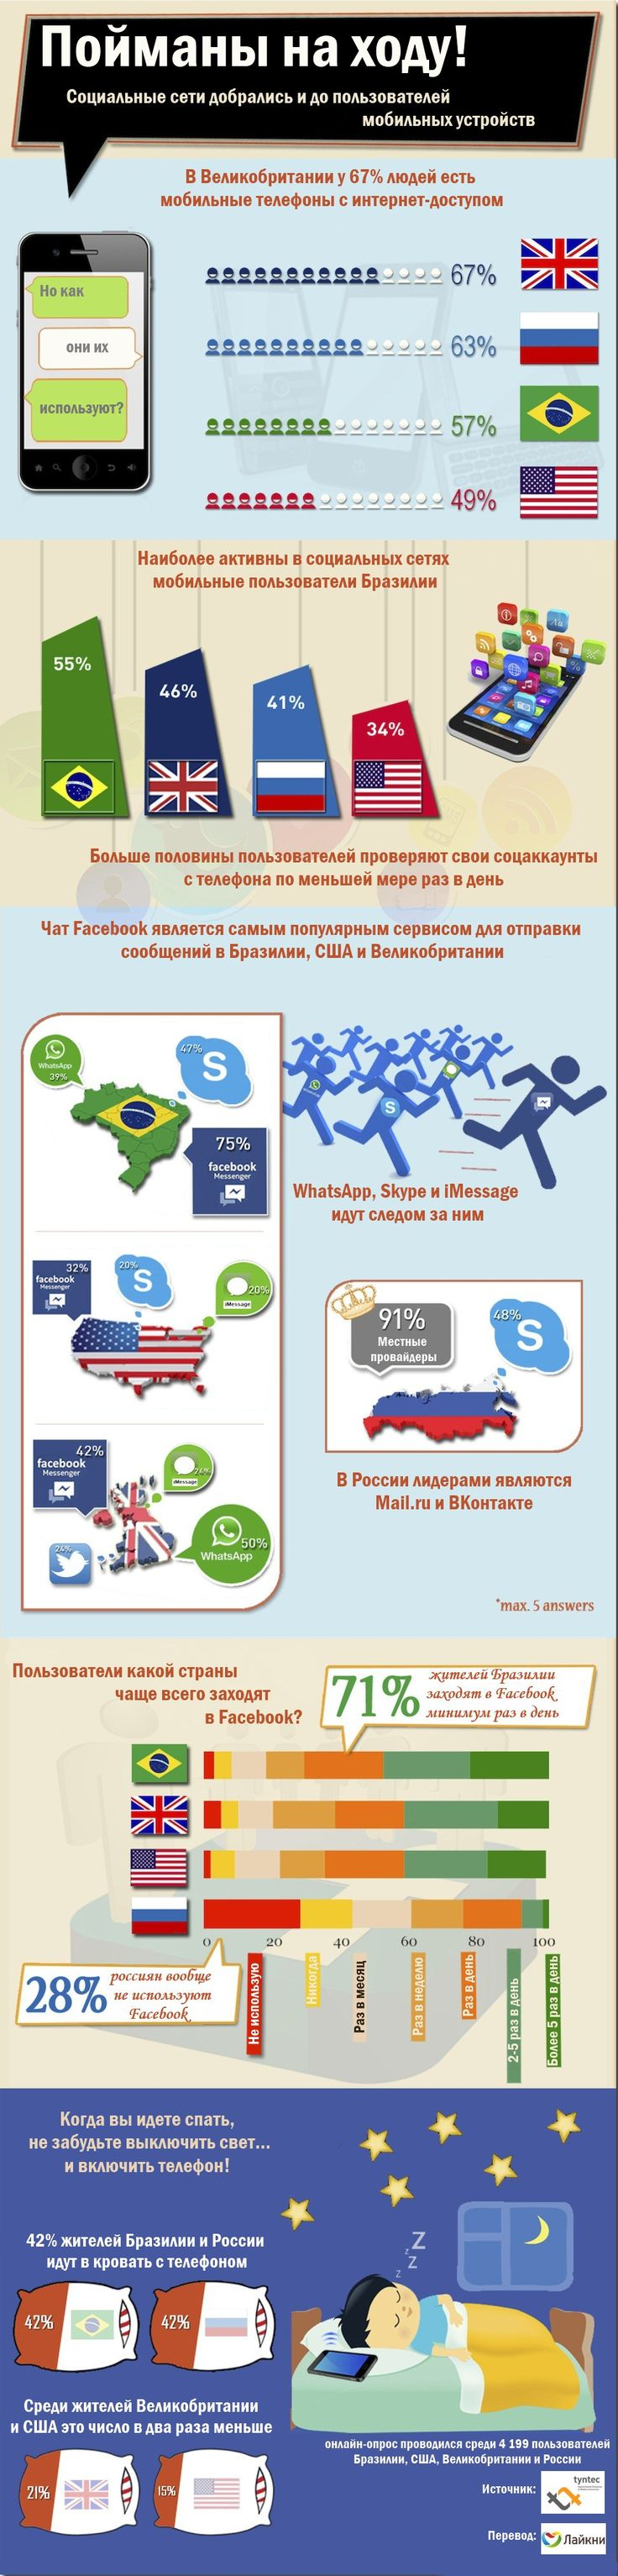 Социальные сети, безусловно, популярны во всем мире, однако, в некоторых странах их безобидное использование может перерасти в настоящую зависимость – чему активно способствуют мобильные устройства. С целью узнать, в каких странах мобильные пользователи больше всего одержимы социальными сетями, компания Tyntec провела опрос среди 4199 пользователей в возрасте 18-55 лет из Бразилии, США, Великобритании и России.